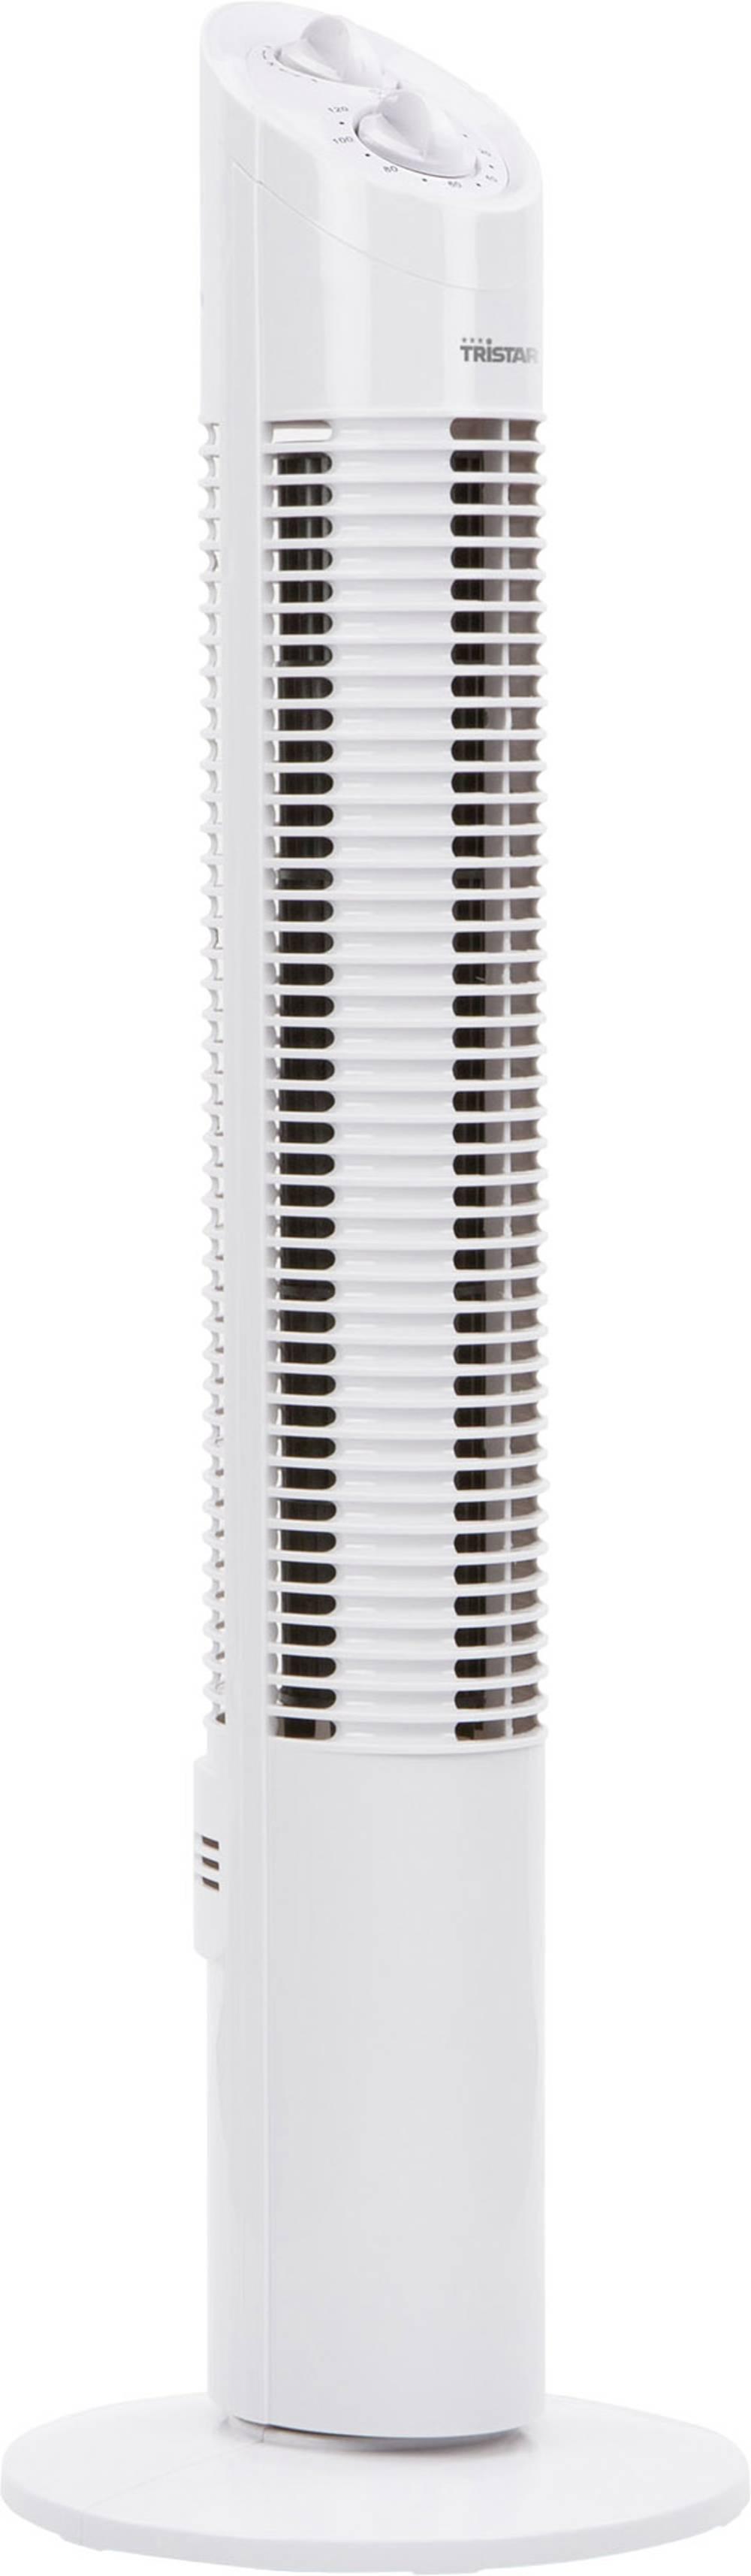 Ventilateur colonne Tristar VE5905 30 W blanc